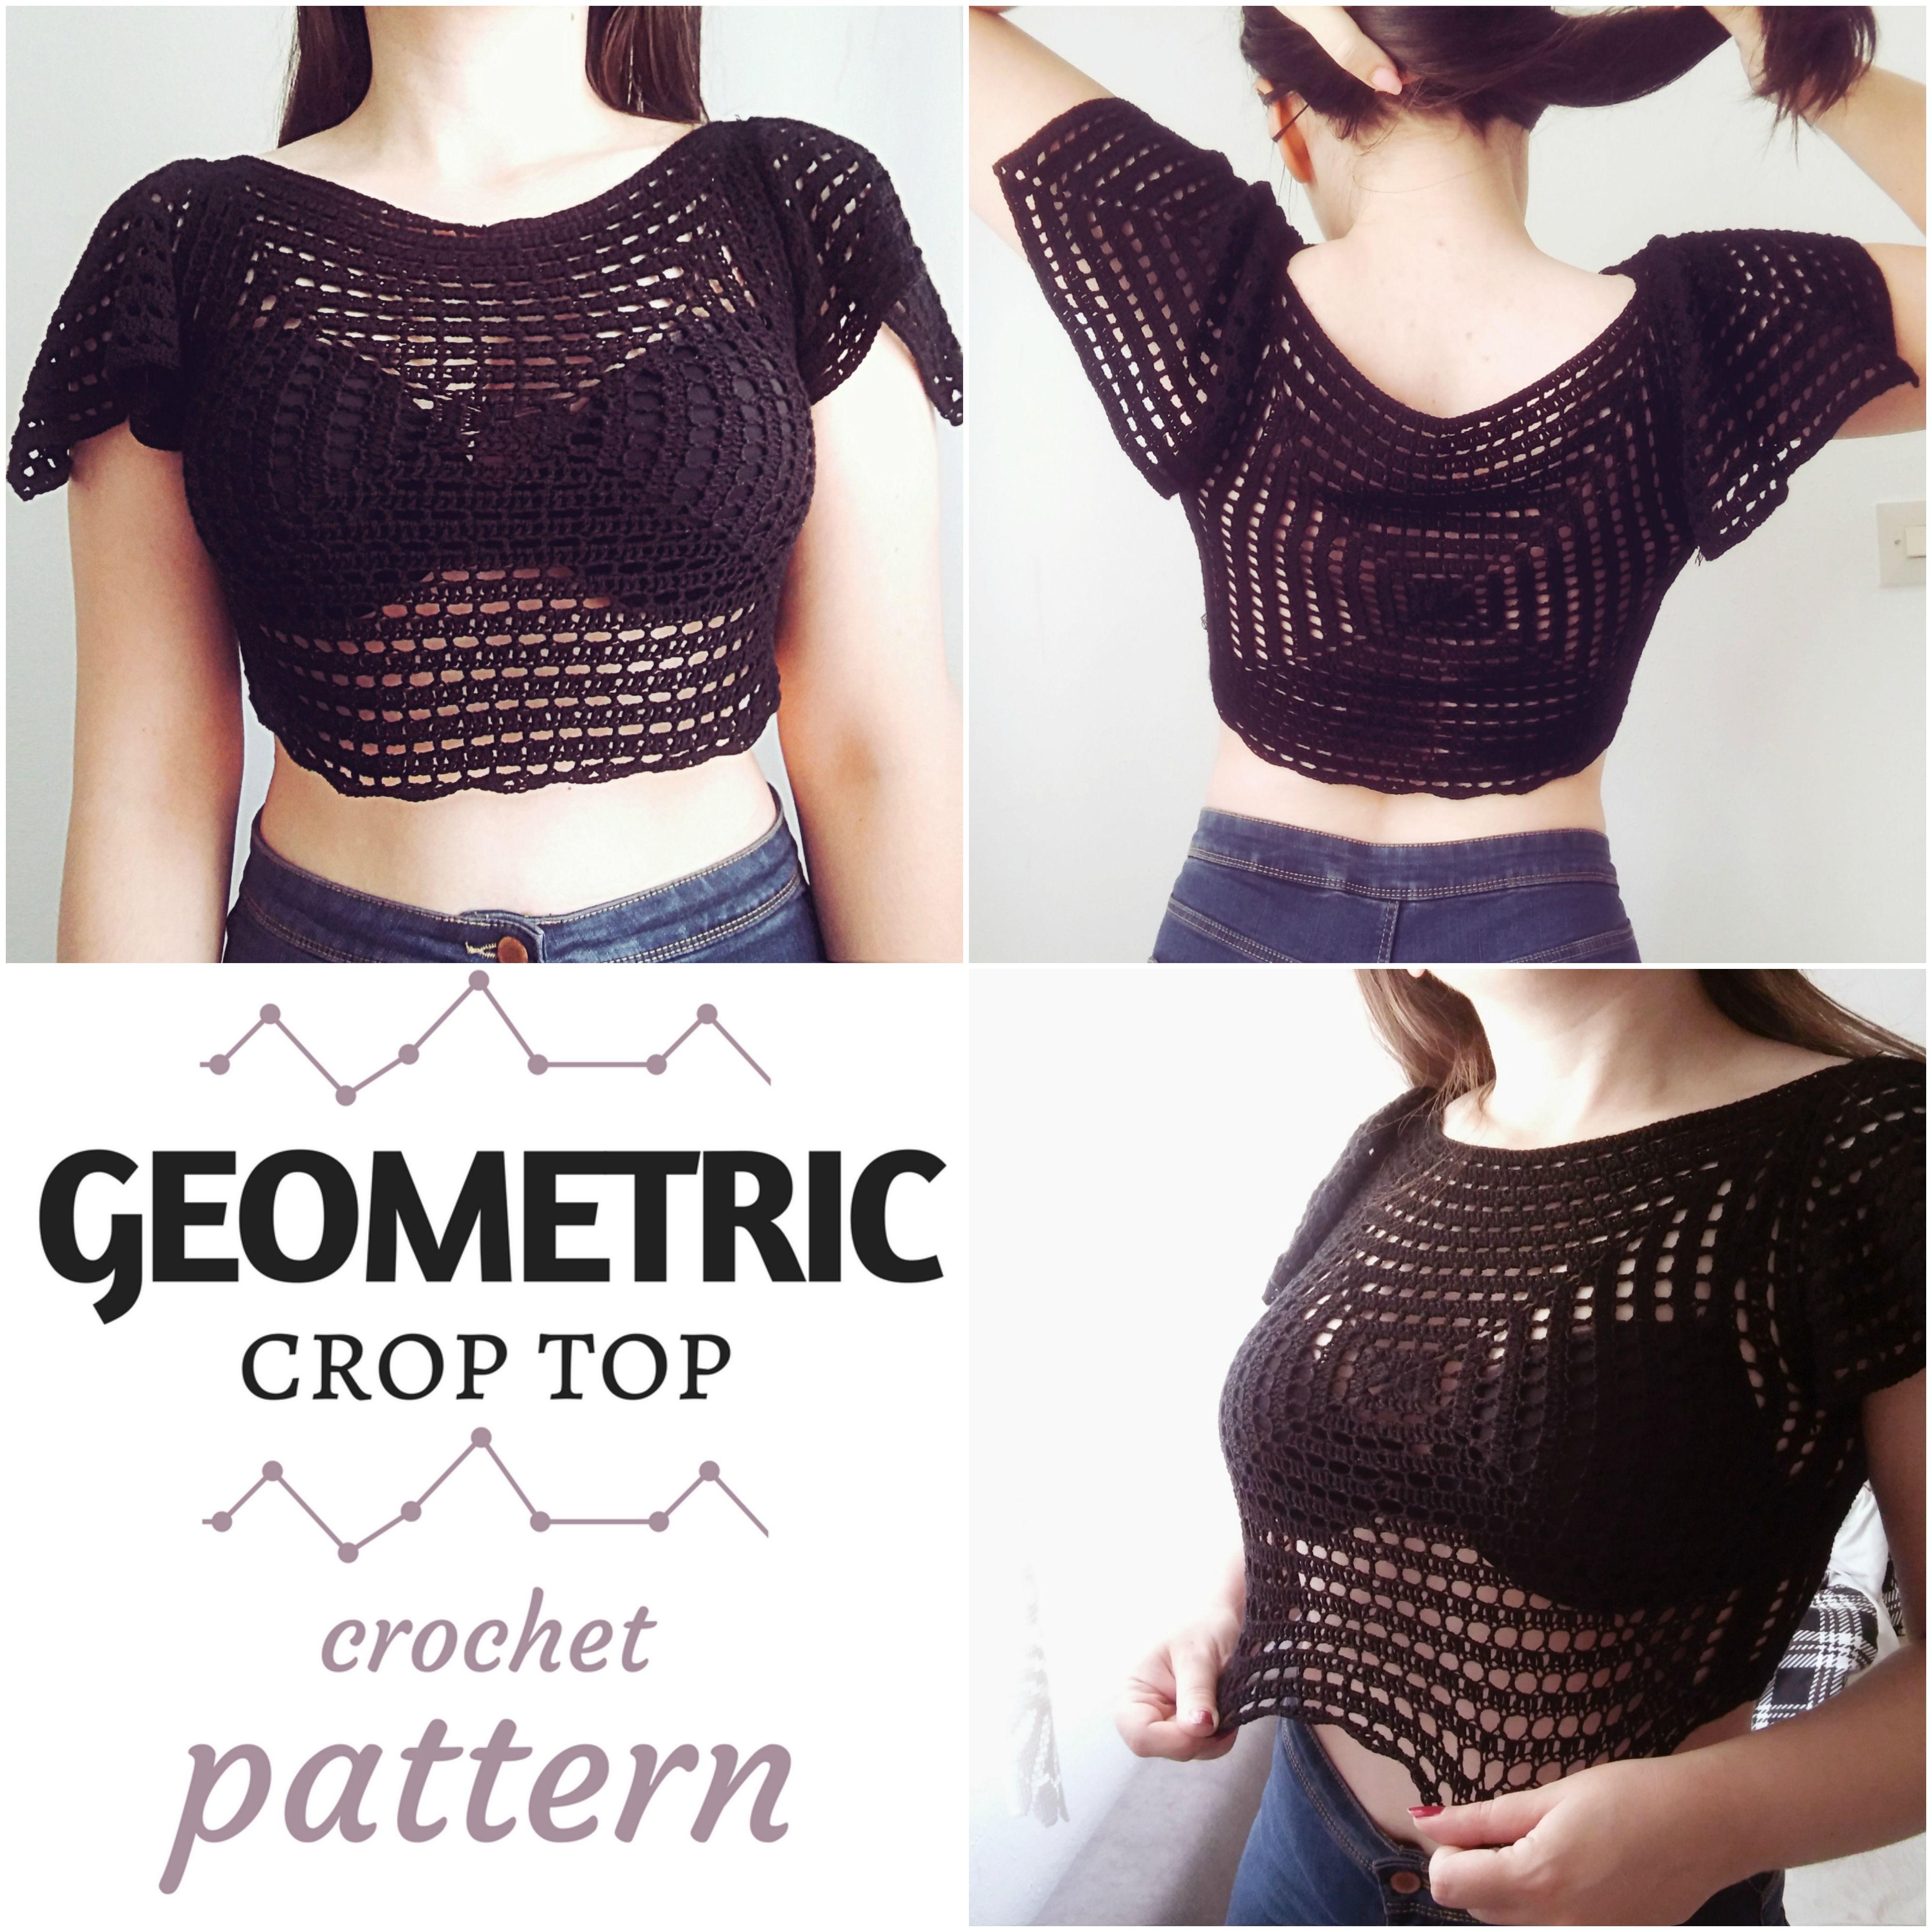 Geometric Crop Top, free crochet pattern. Beginner friendly. Written ...